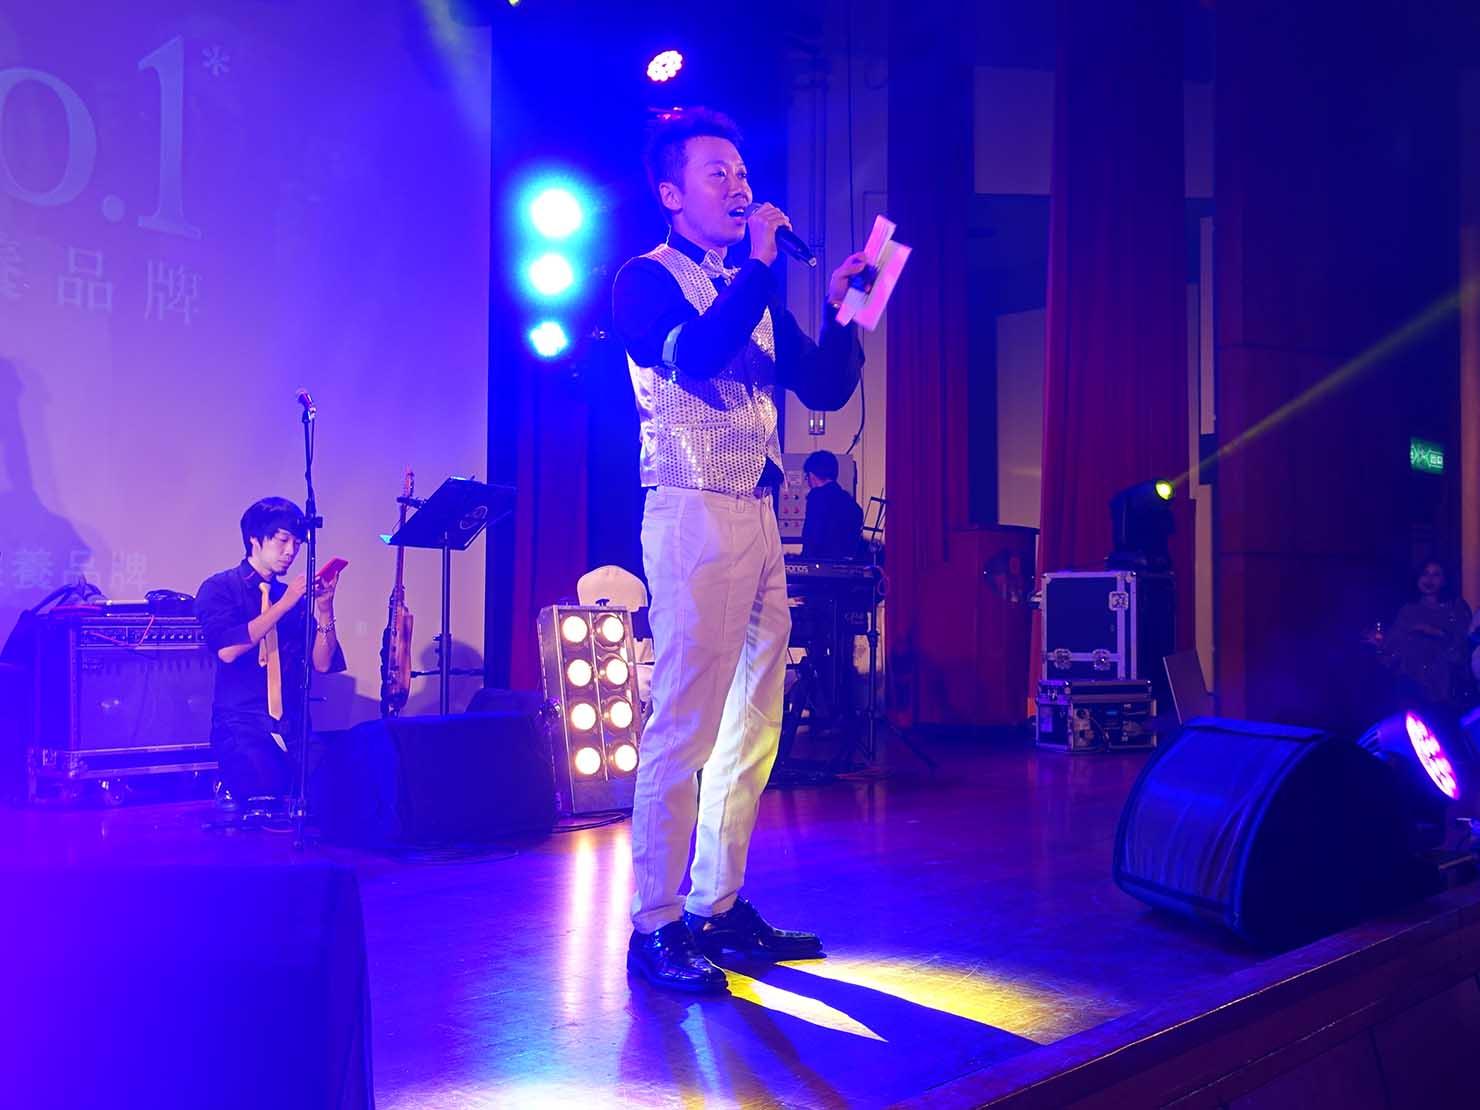 台北・圓山大飯店のカウントダウンパーティー「Bling Bling跨年派對」ステージに立つ司会者